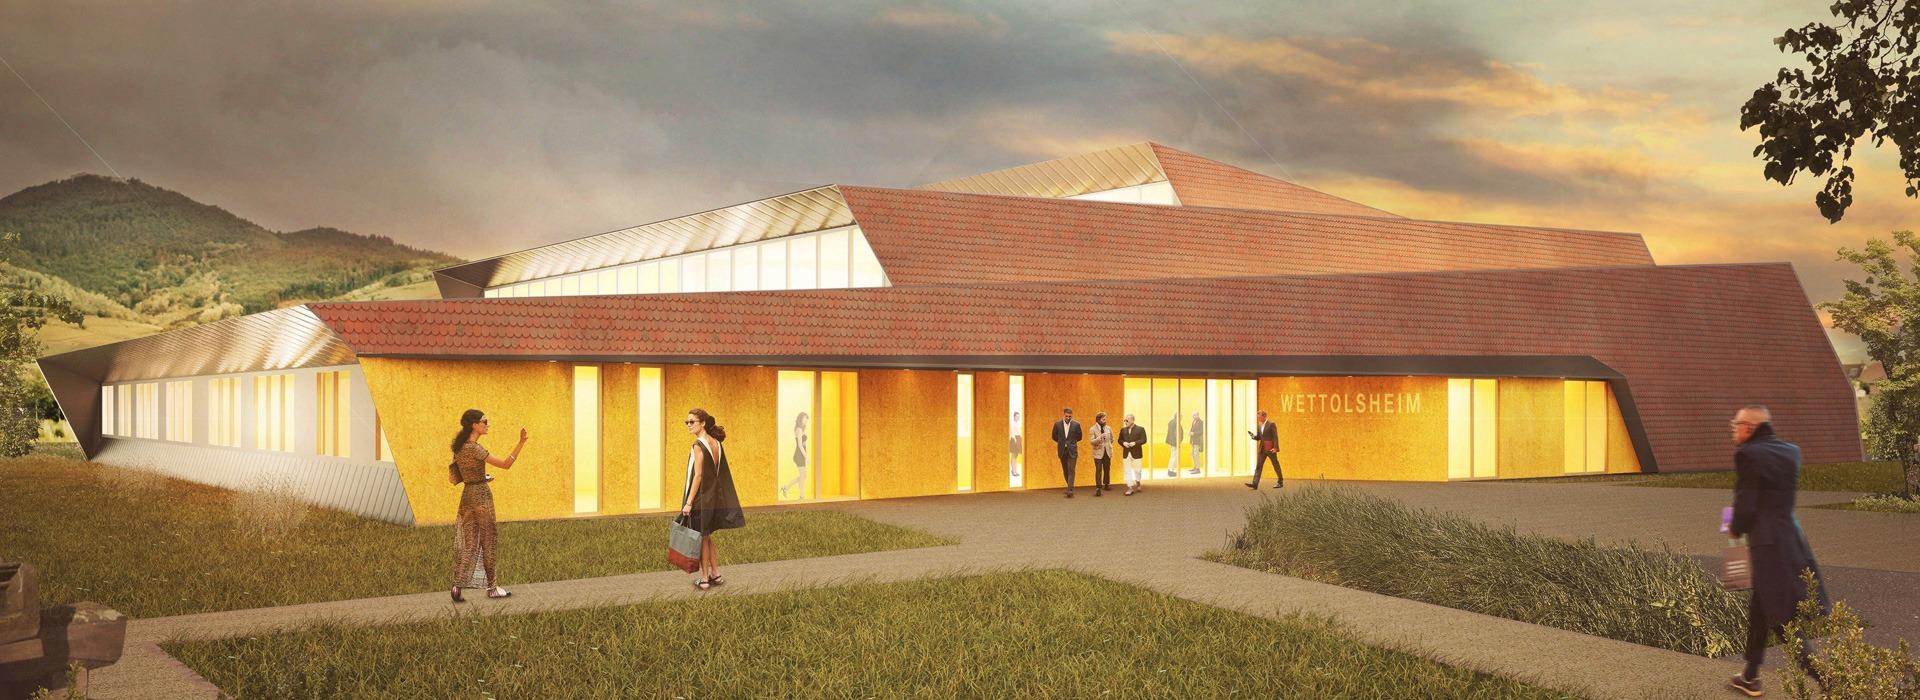 Projet architecte salle des fêtes passive Wettolsheim